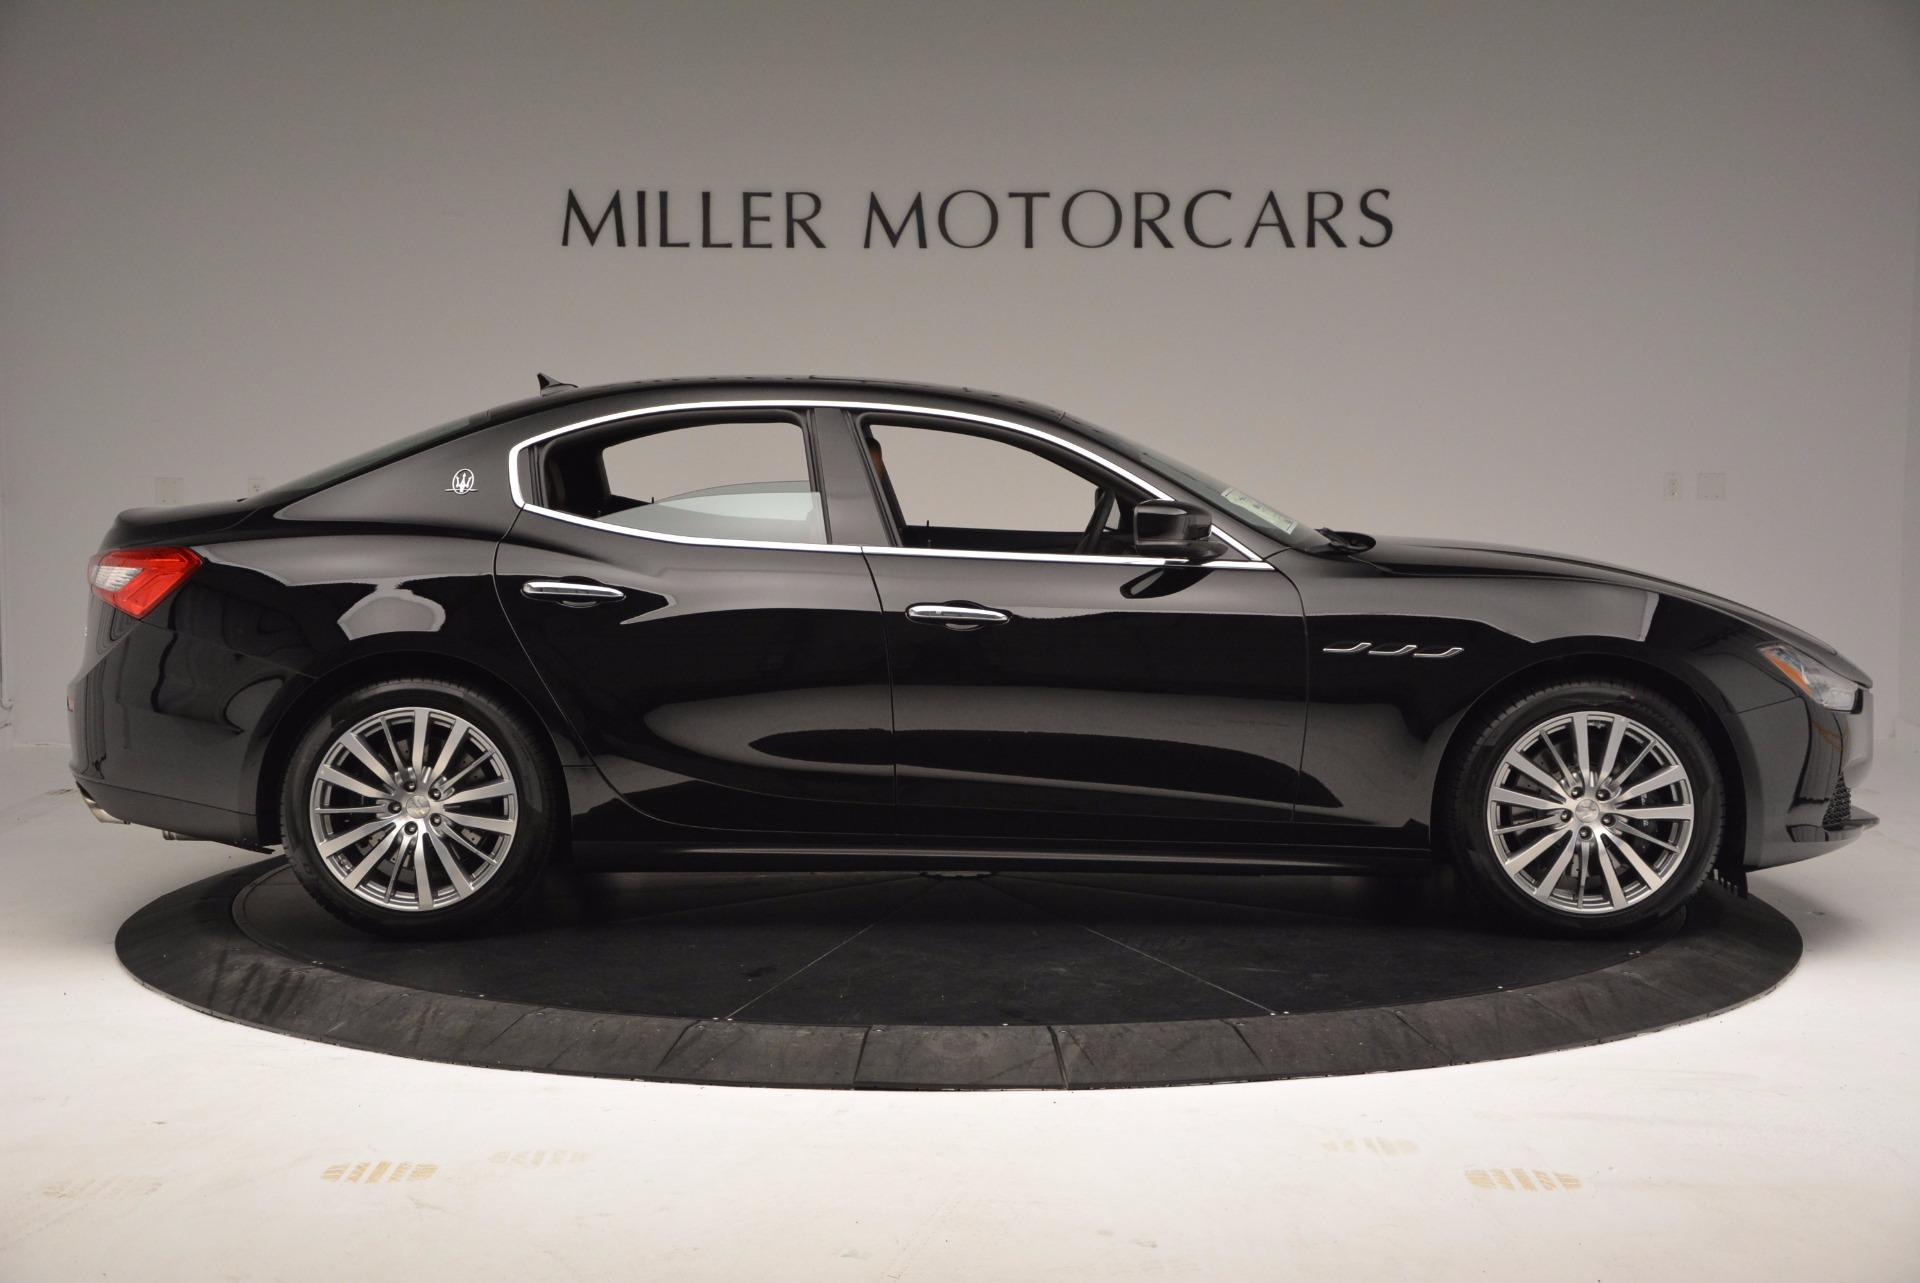 New 2017 Maserati Ghibli SQ4 For Sale In Greenwich, CT 1043_p9